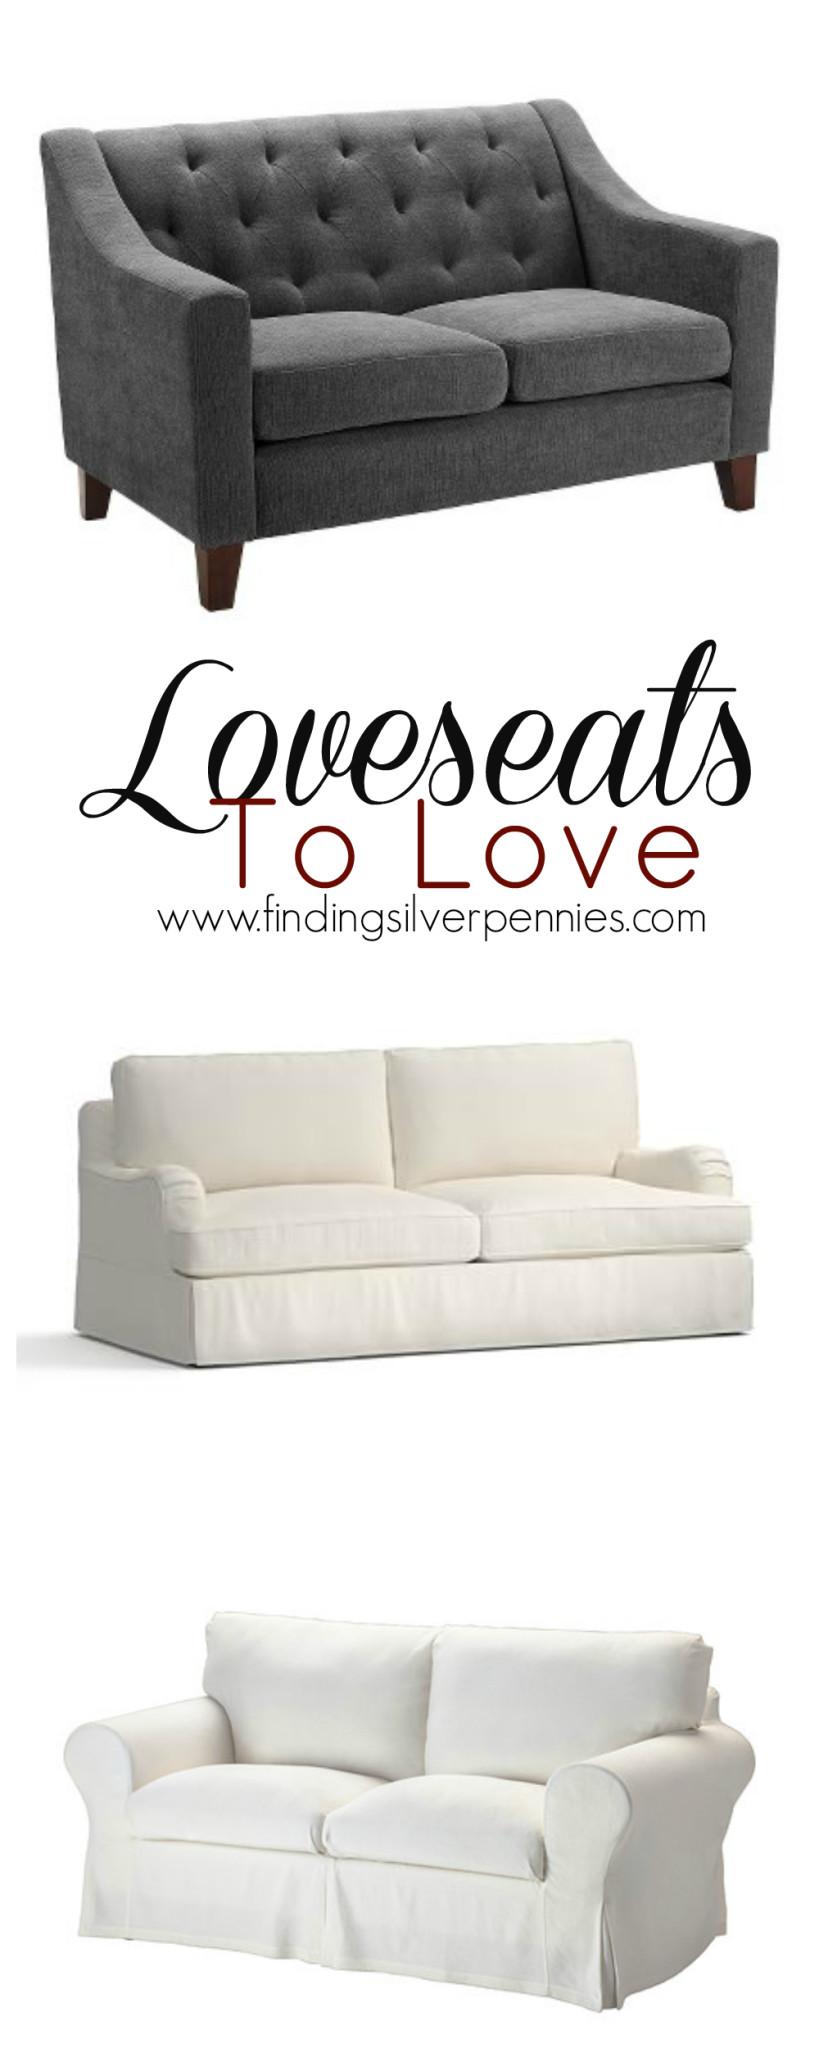 Loveseats to Love